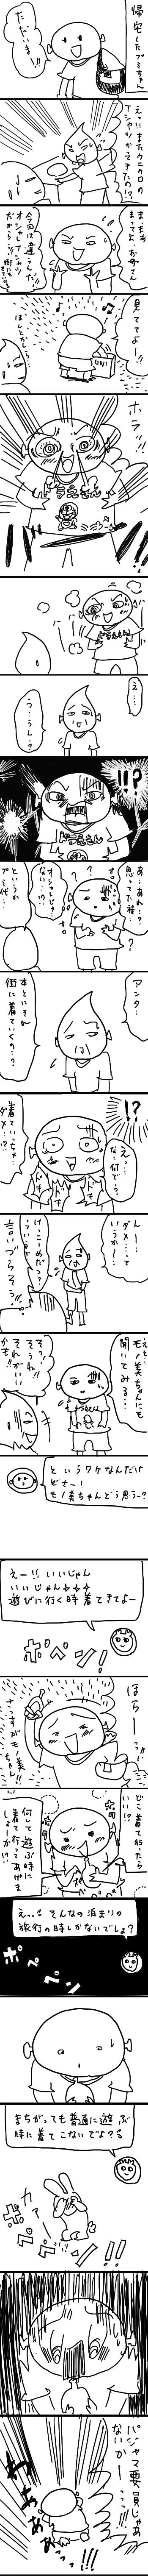 「会社で着る服を求めて その4」の漫画画像